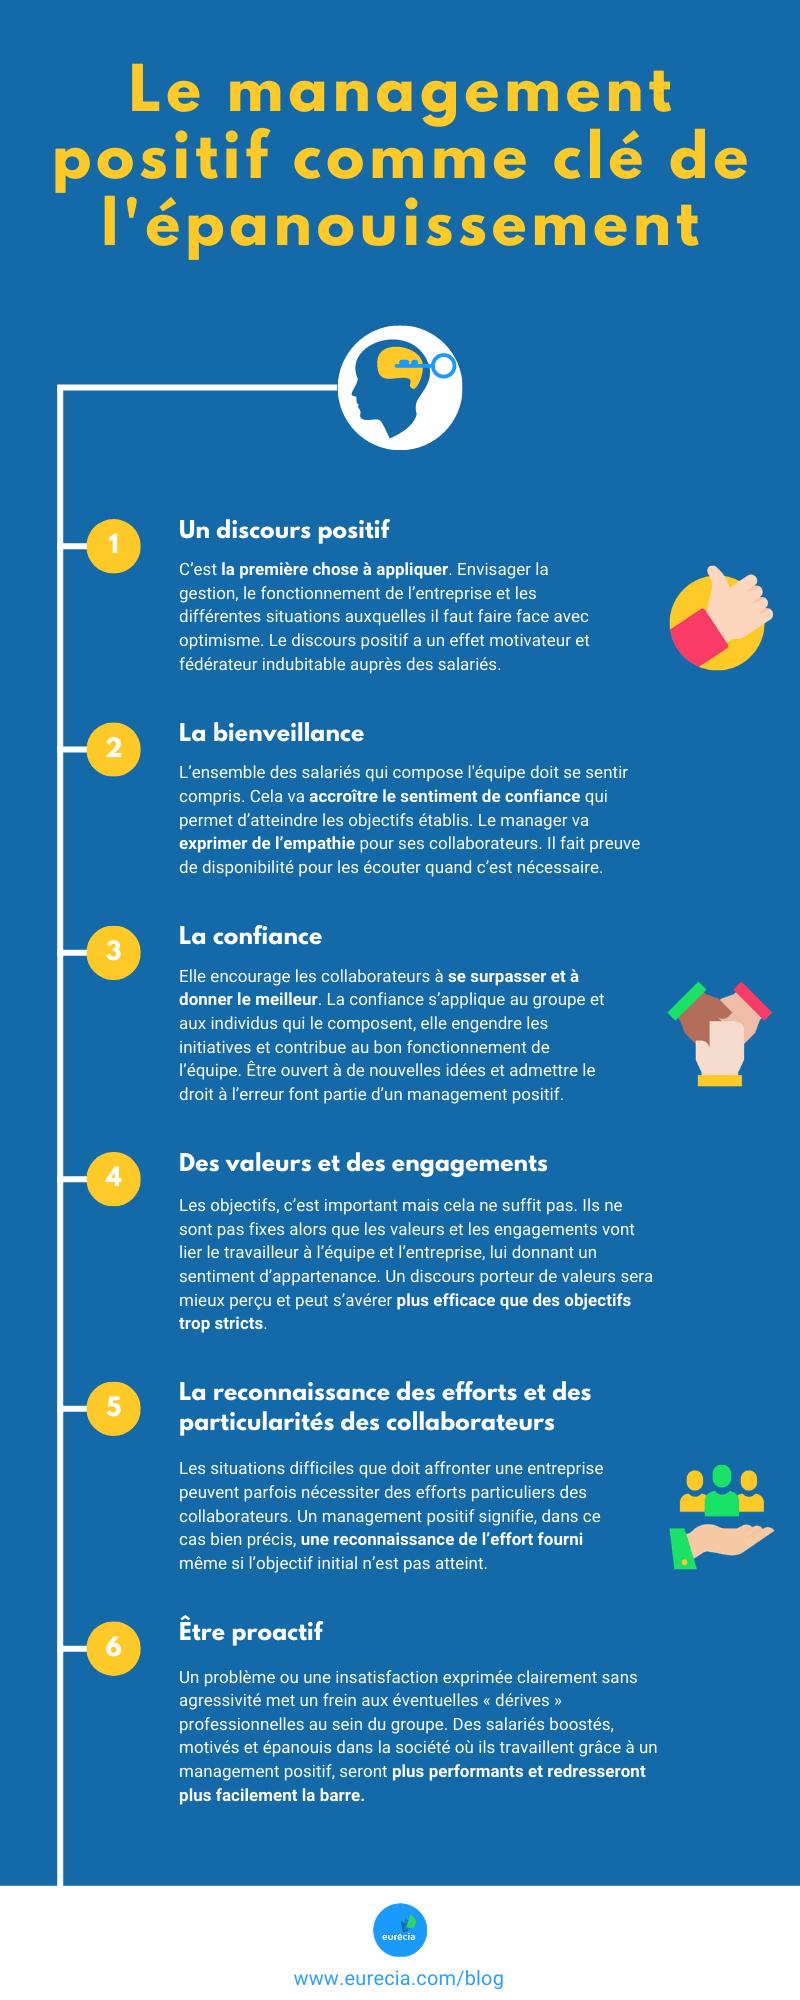 le_management_positif_comme_cle_de_lepanouissement.png